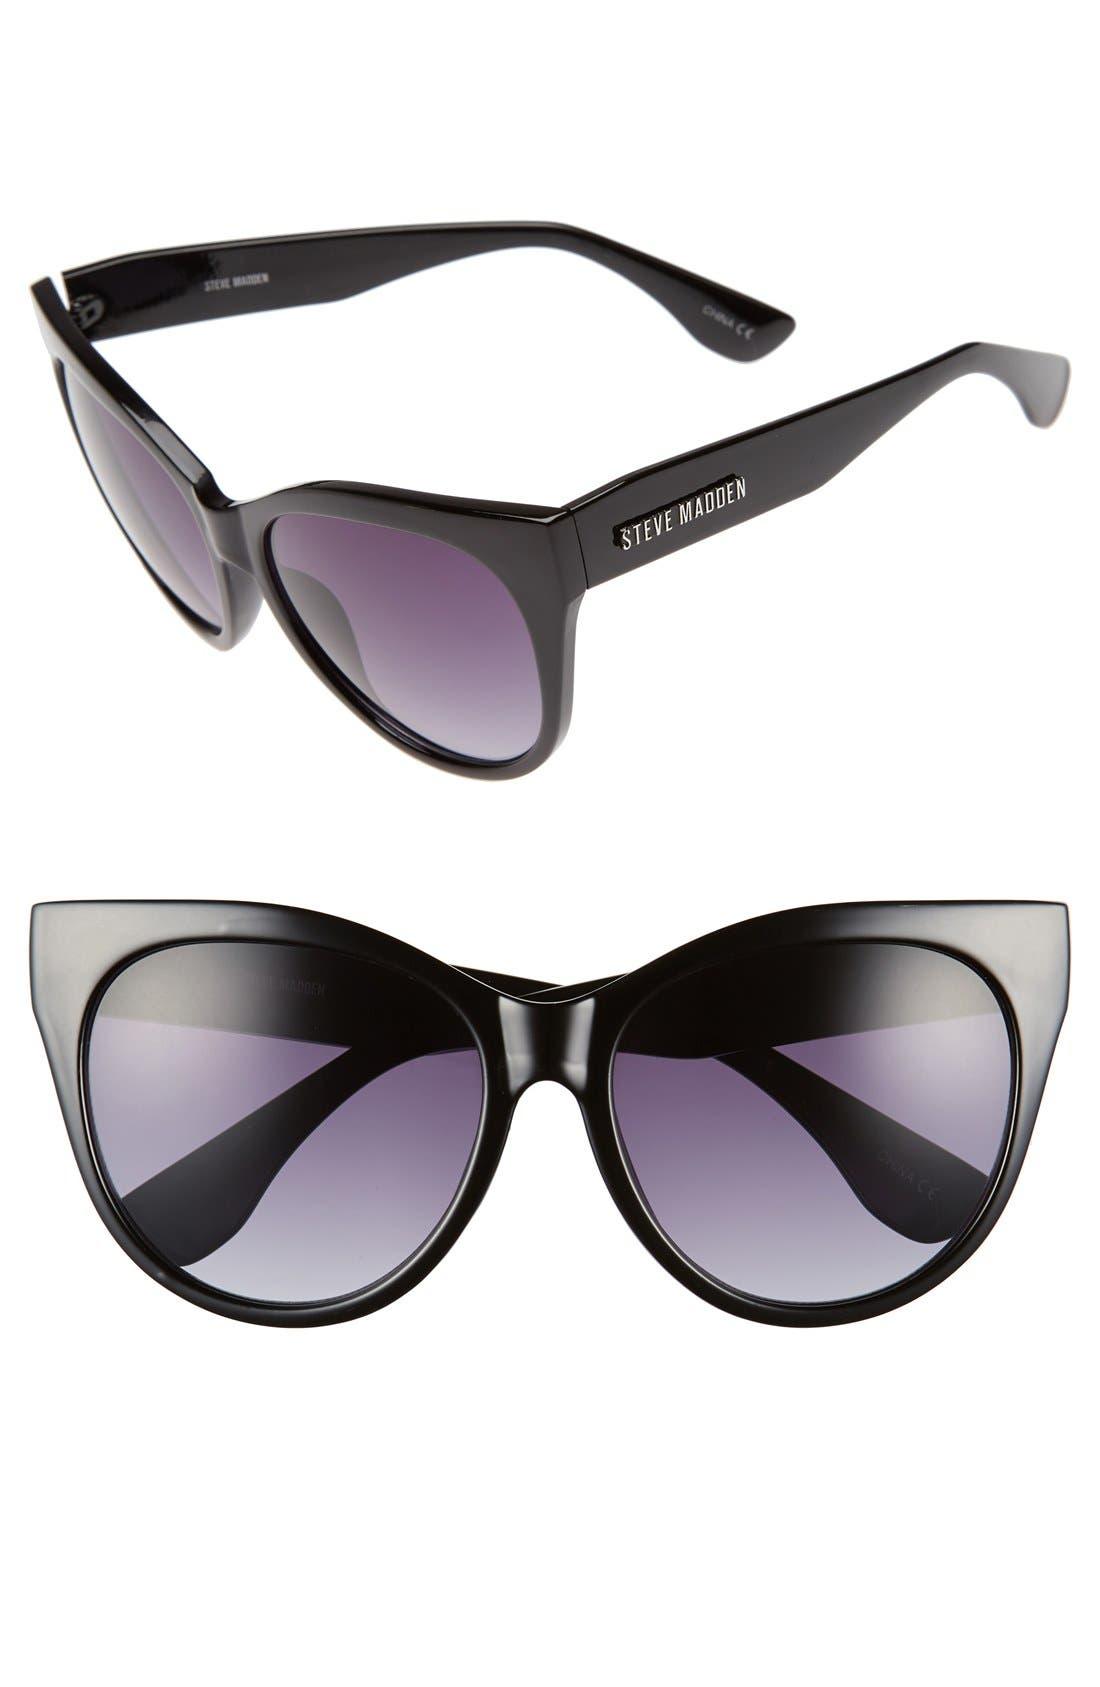 Main Image - Steve Madden 58mm Oversized Cat Eye Sunglasses